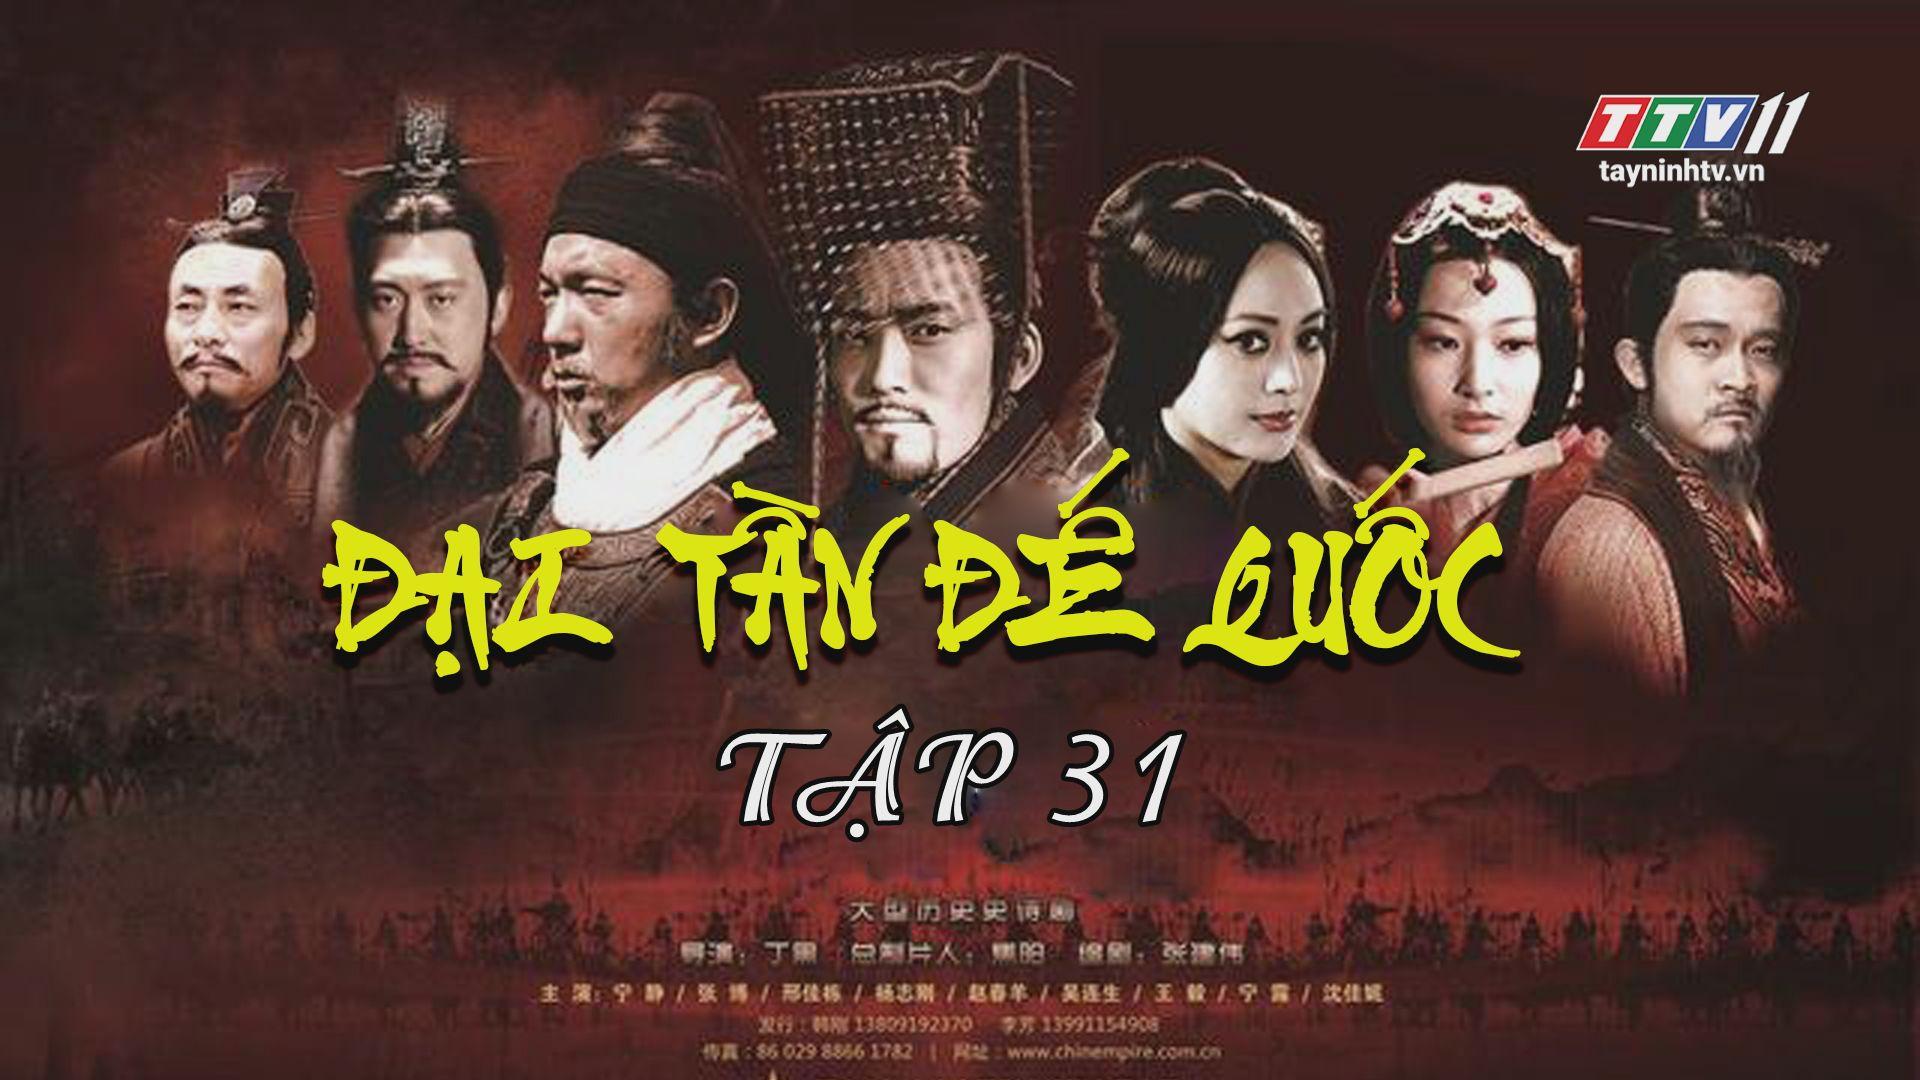 Tập 31 | ĐẠI TẦN ĐẾ QUỐC - Phần 3 - QUẬT KHỞI - FULL HD | TayNinhTV